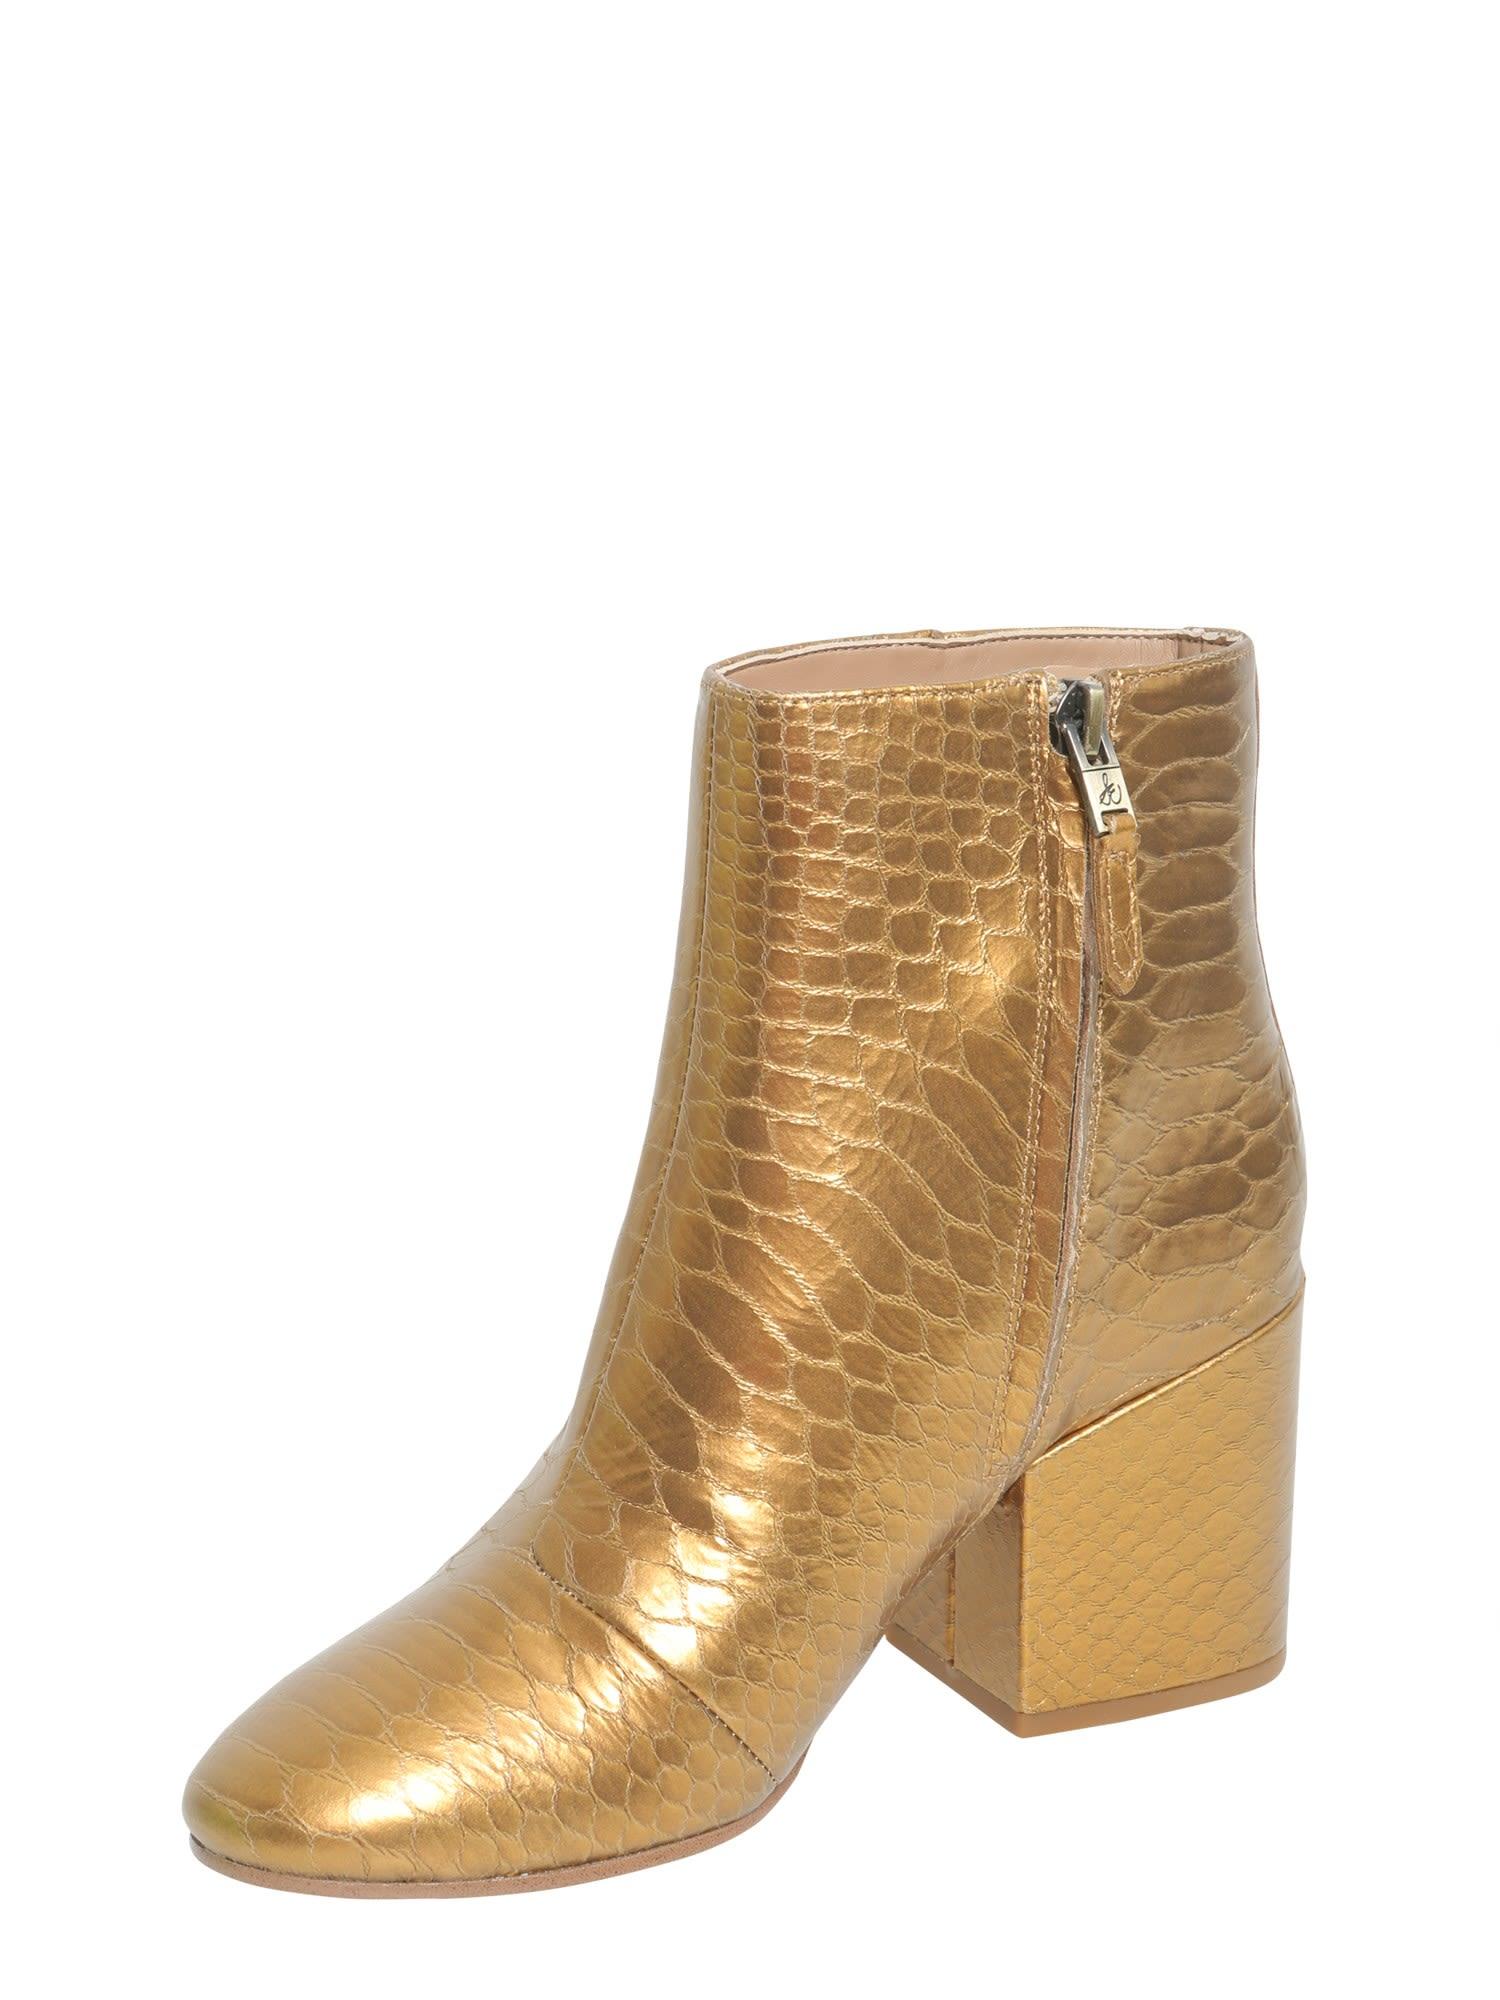 68edc1071874 Sam Edelman Sam Edelman Snake Printed Ankle Boots - ORO - 8250770 ...